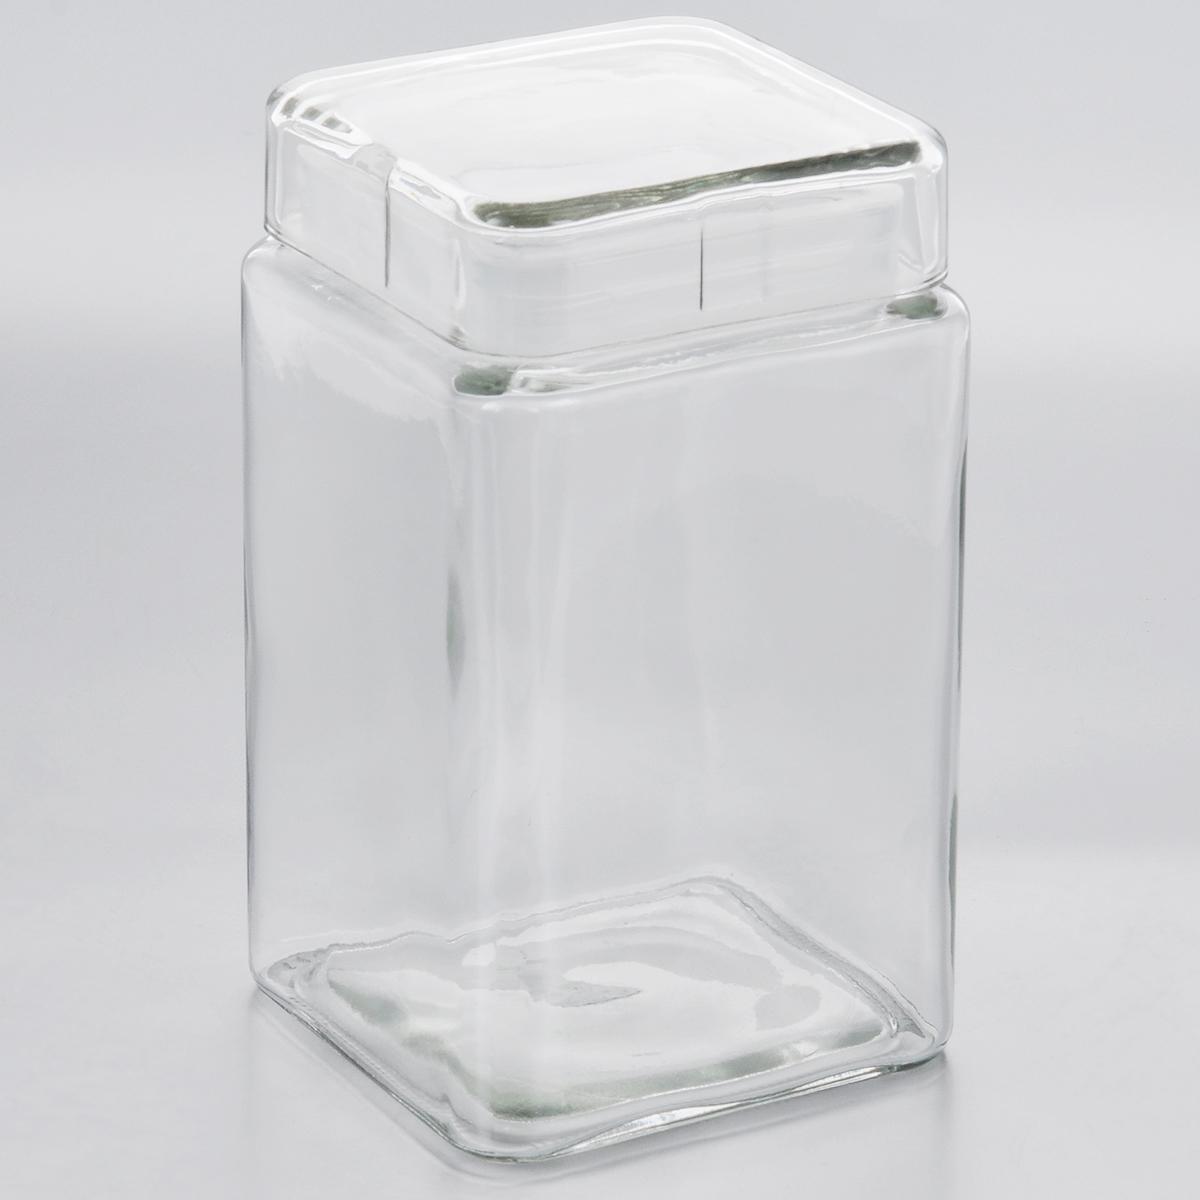 Емкость для хранения Esprado Cristella, 1680 млC041601E405Емкость для хранения Esprado Cristella изготовлена из качественного прозрачного стекла, отполированного до идеального блеска и гладкости. Изделие имеет квадратную форму. Стекло термостойкое, что позволяет использовать емкость Esprado при различных температурах (от -15°С до +100°С). Это делает ее функциональным и универсальным кухонным аксессуаром. Емкость очень вместительна, поэтому прекрасно подходит для хранения круп, макарон, кофе, орехов, специй и других сыпучих продуктов. Крышка плотно закрывается и легко открывается благодаря силиконовой прослойке. Это обеспечивает герметичность и дольше сохраняет продукты свежими. Благодаря различным дизайнерским решениям такая емкость дополнит и украсит интерьер любой кухни. Емкости для хранения из коллекции Cristella разработаны на основе эргономичных дизайнерских решений, которые позволяют максимально эффективно и рационально использовать кухонные поверхности. Благодаря универсальному внешнему виду, они будут привлекательно смотреться в интерьере любой кухни. Емкости для хранения незаменимы на кухне: они помогают сохранить свежесть продуктов, защищают от попадания излишней влаги и позволяют эффективно использовать ограниченное кухонное пространство. Не использовать в духовом шкафу, микроволновой печи и посудомоечной машине.